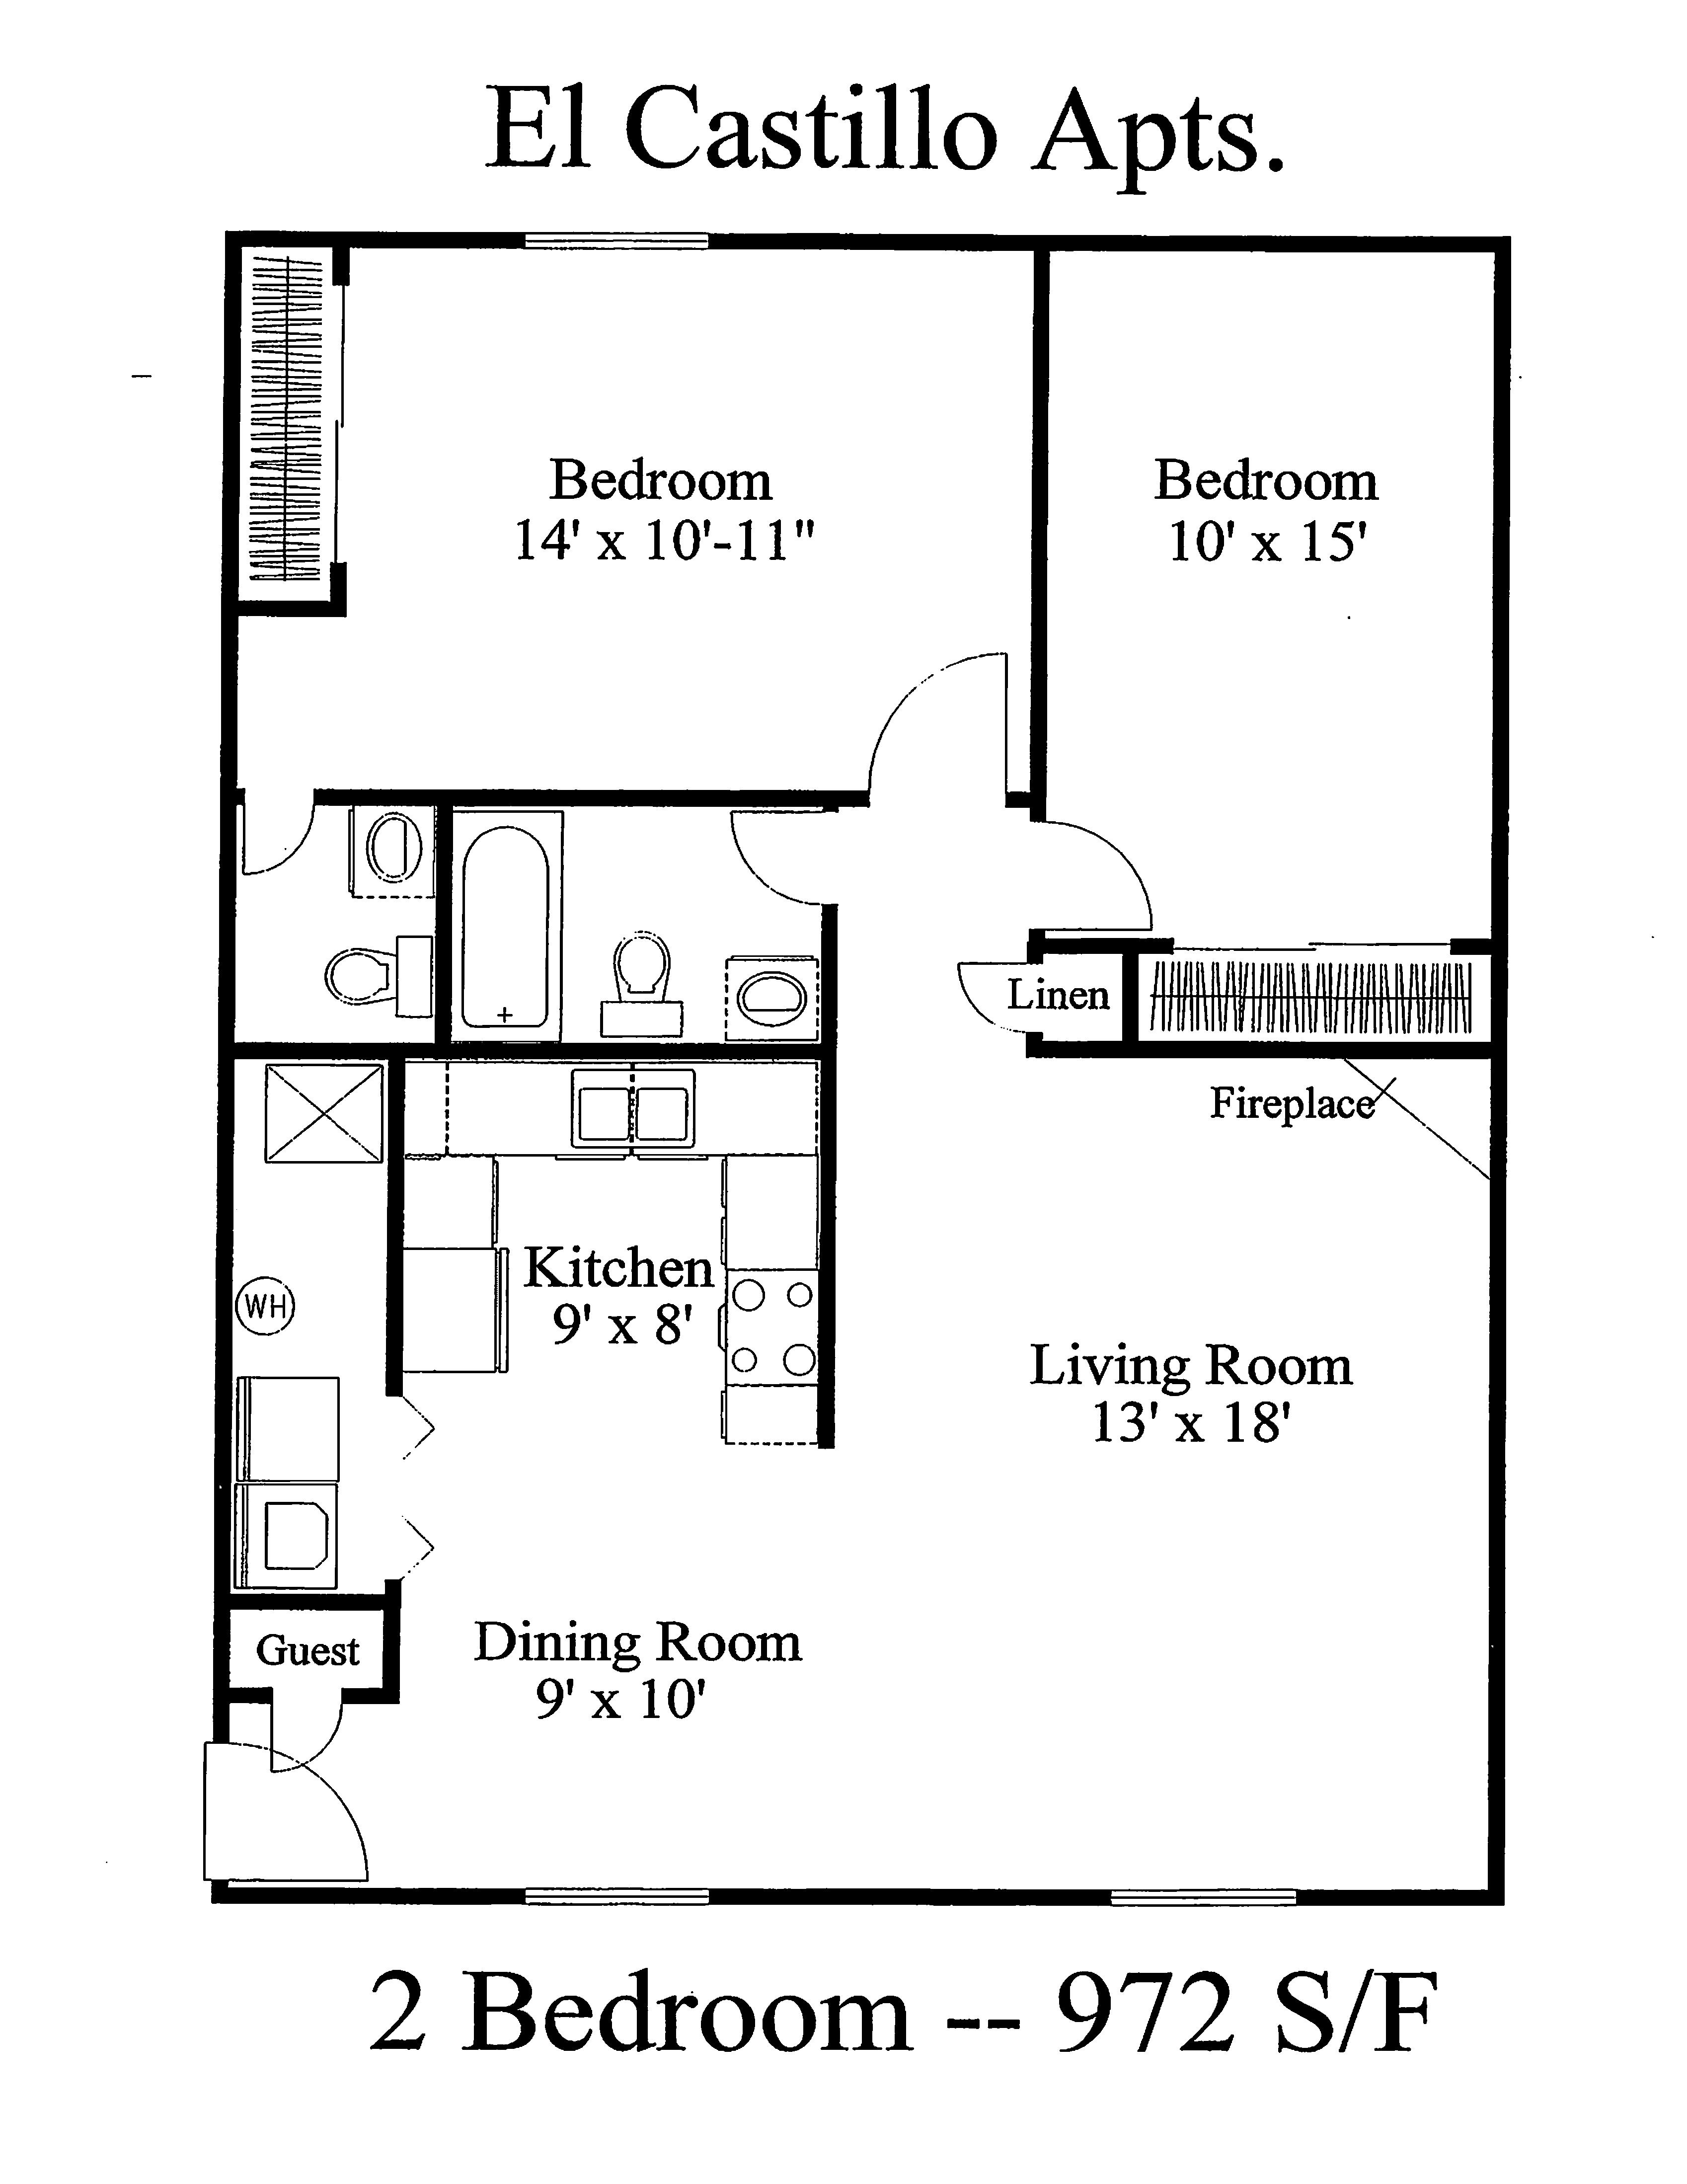 Floor plan - El Castillo Apartments